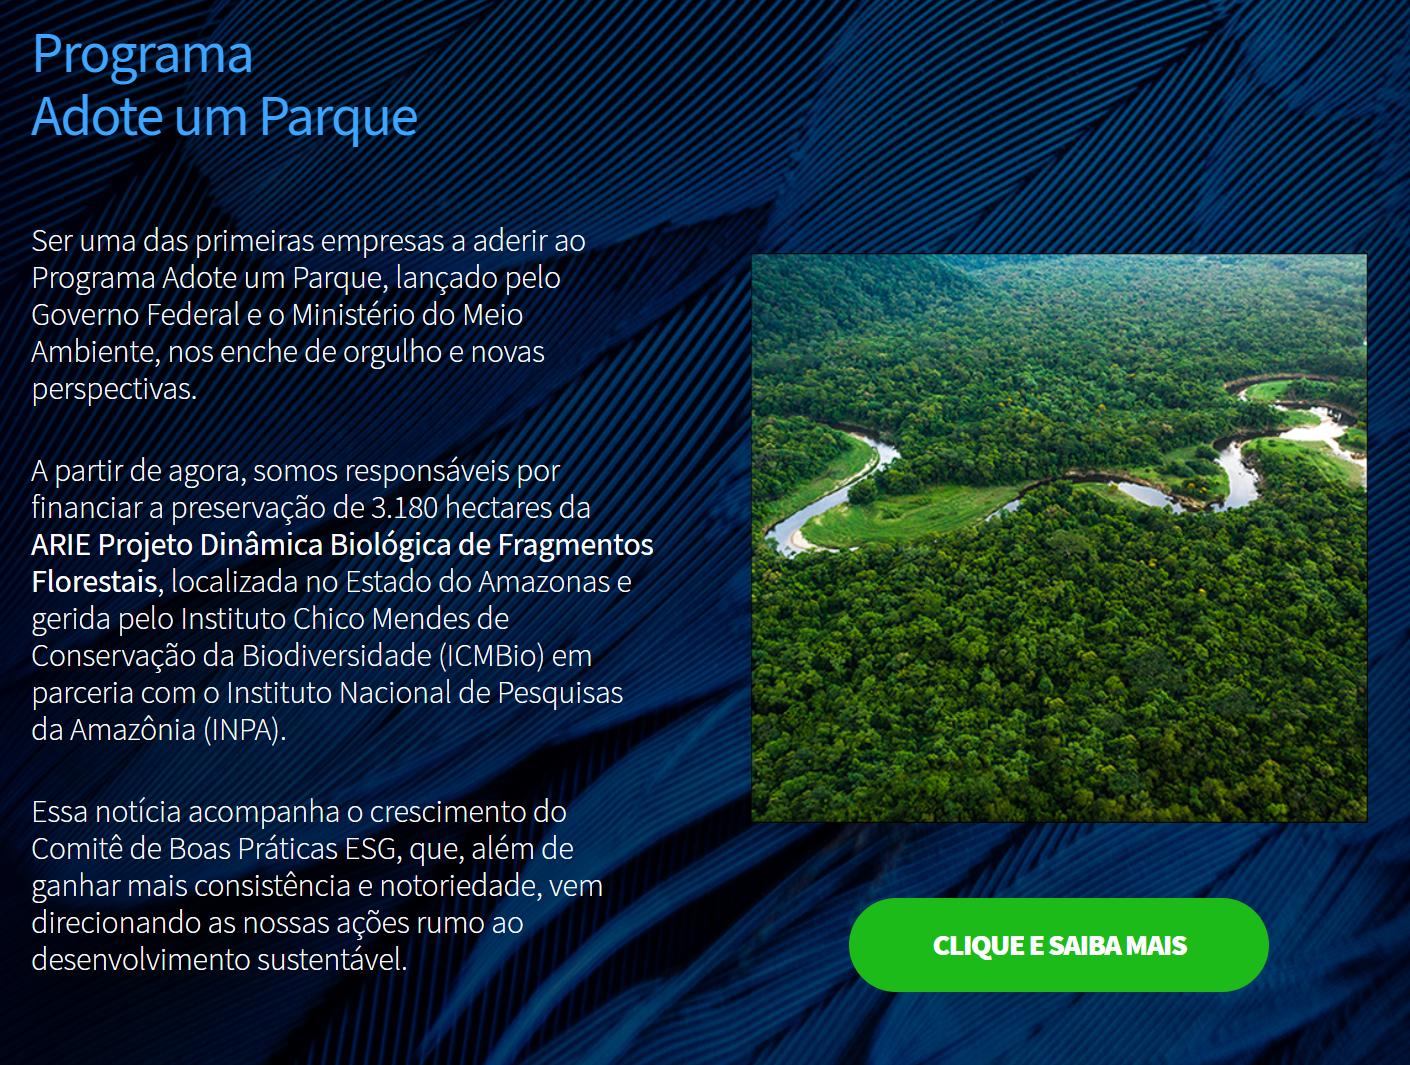 Print de texto no site da Genial informando que a empresa é agora responsável pela ARIE Projeto Dinâmica Biológica de Fragmentos Florestais